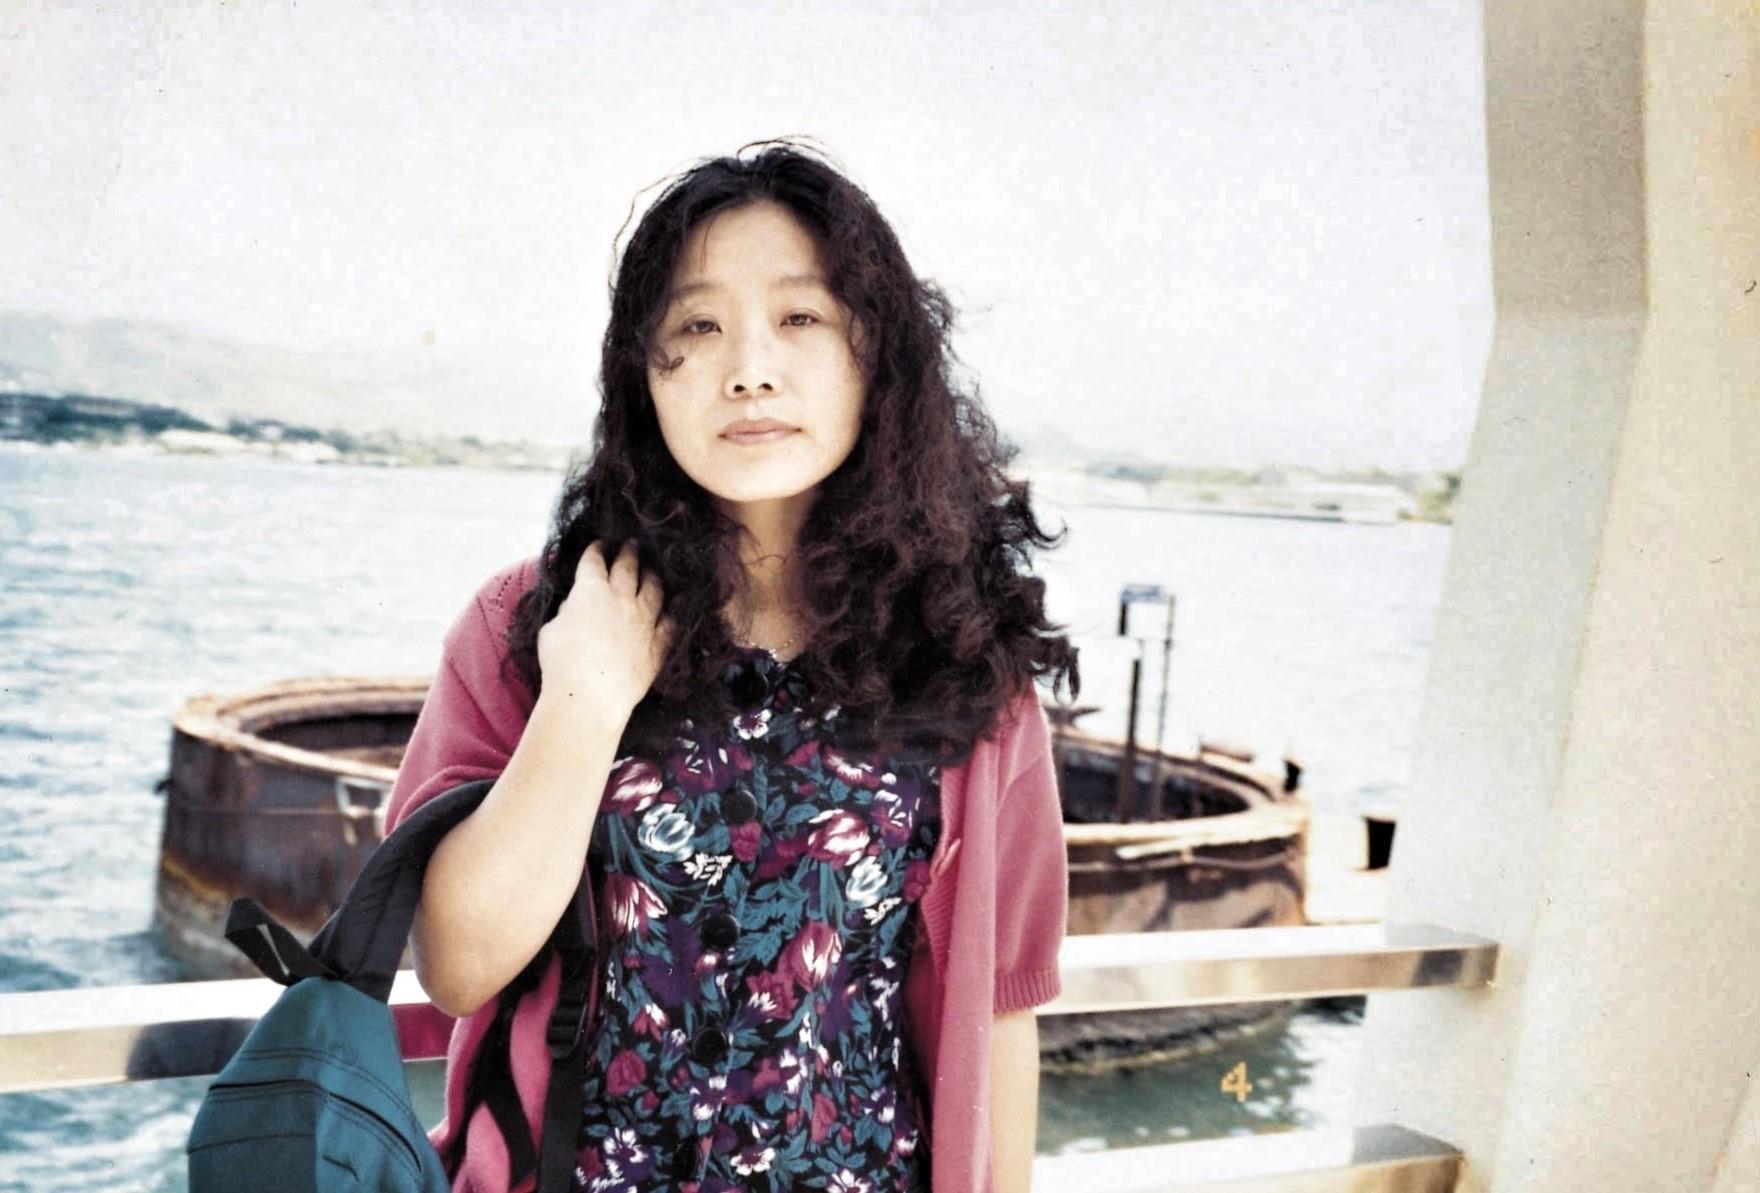 Hwang In-Sook